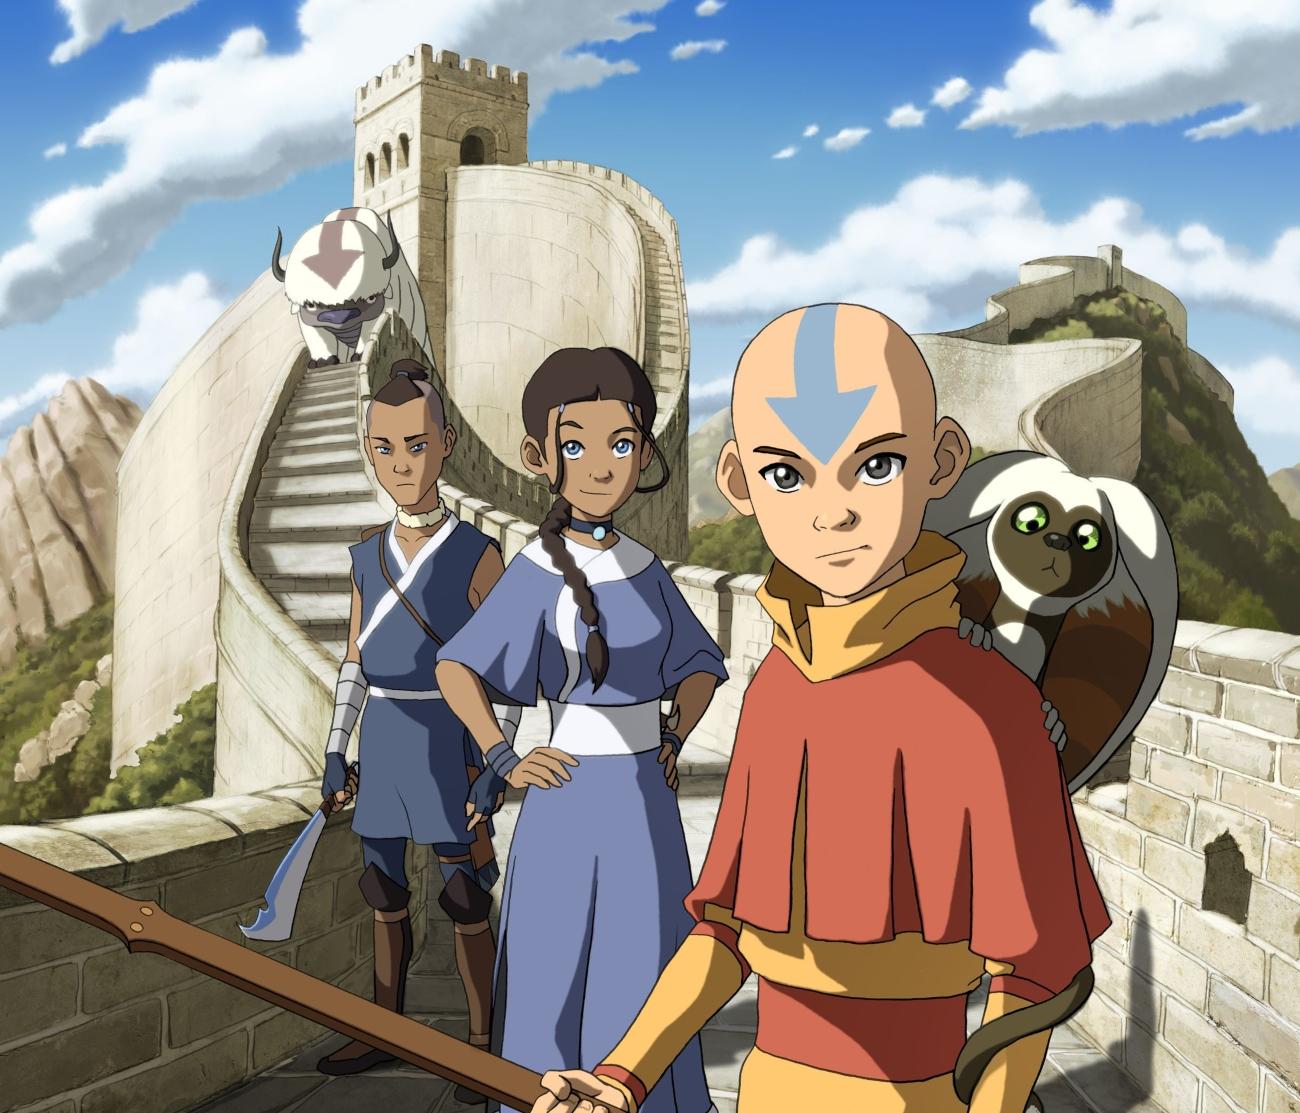 Avatar: The Last Airbender characters Aang, Katara, and Sokka   Nickelodeon